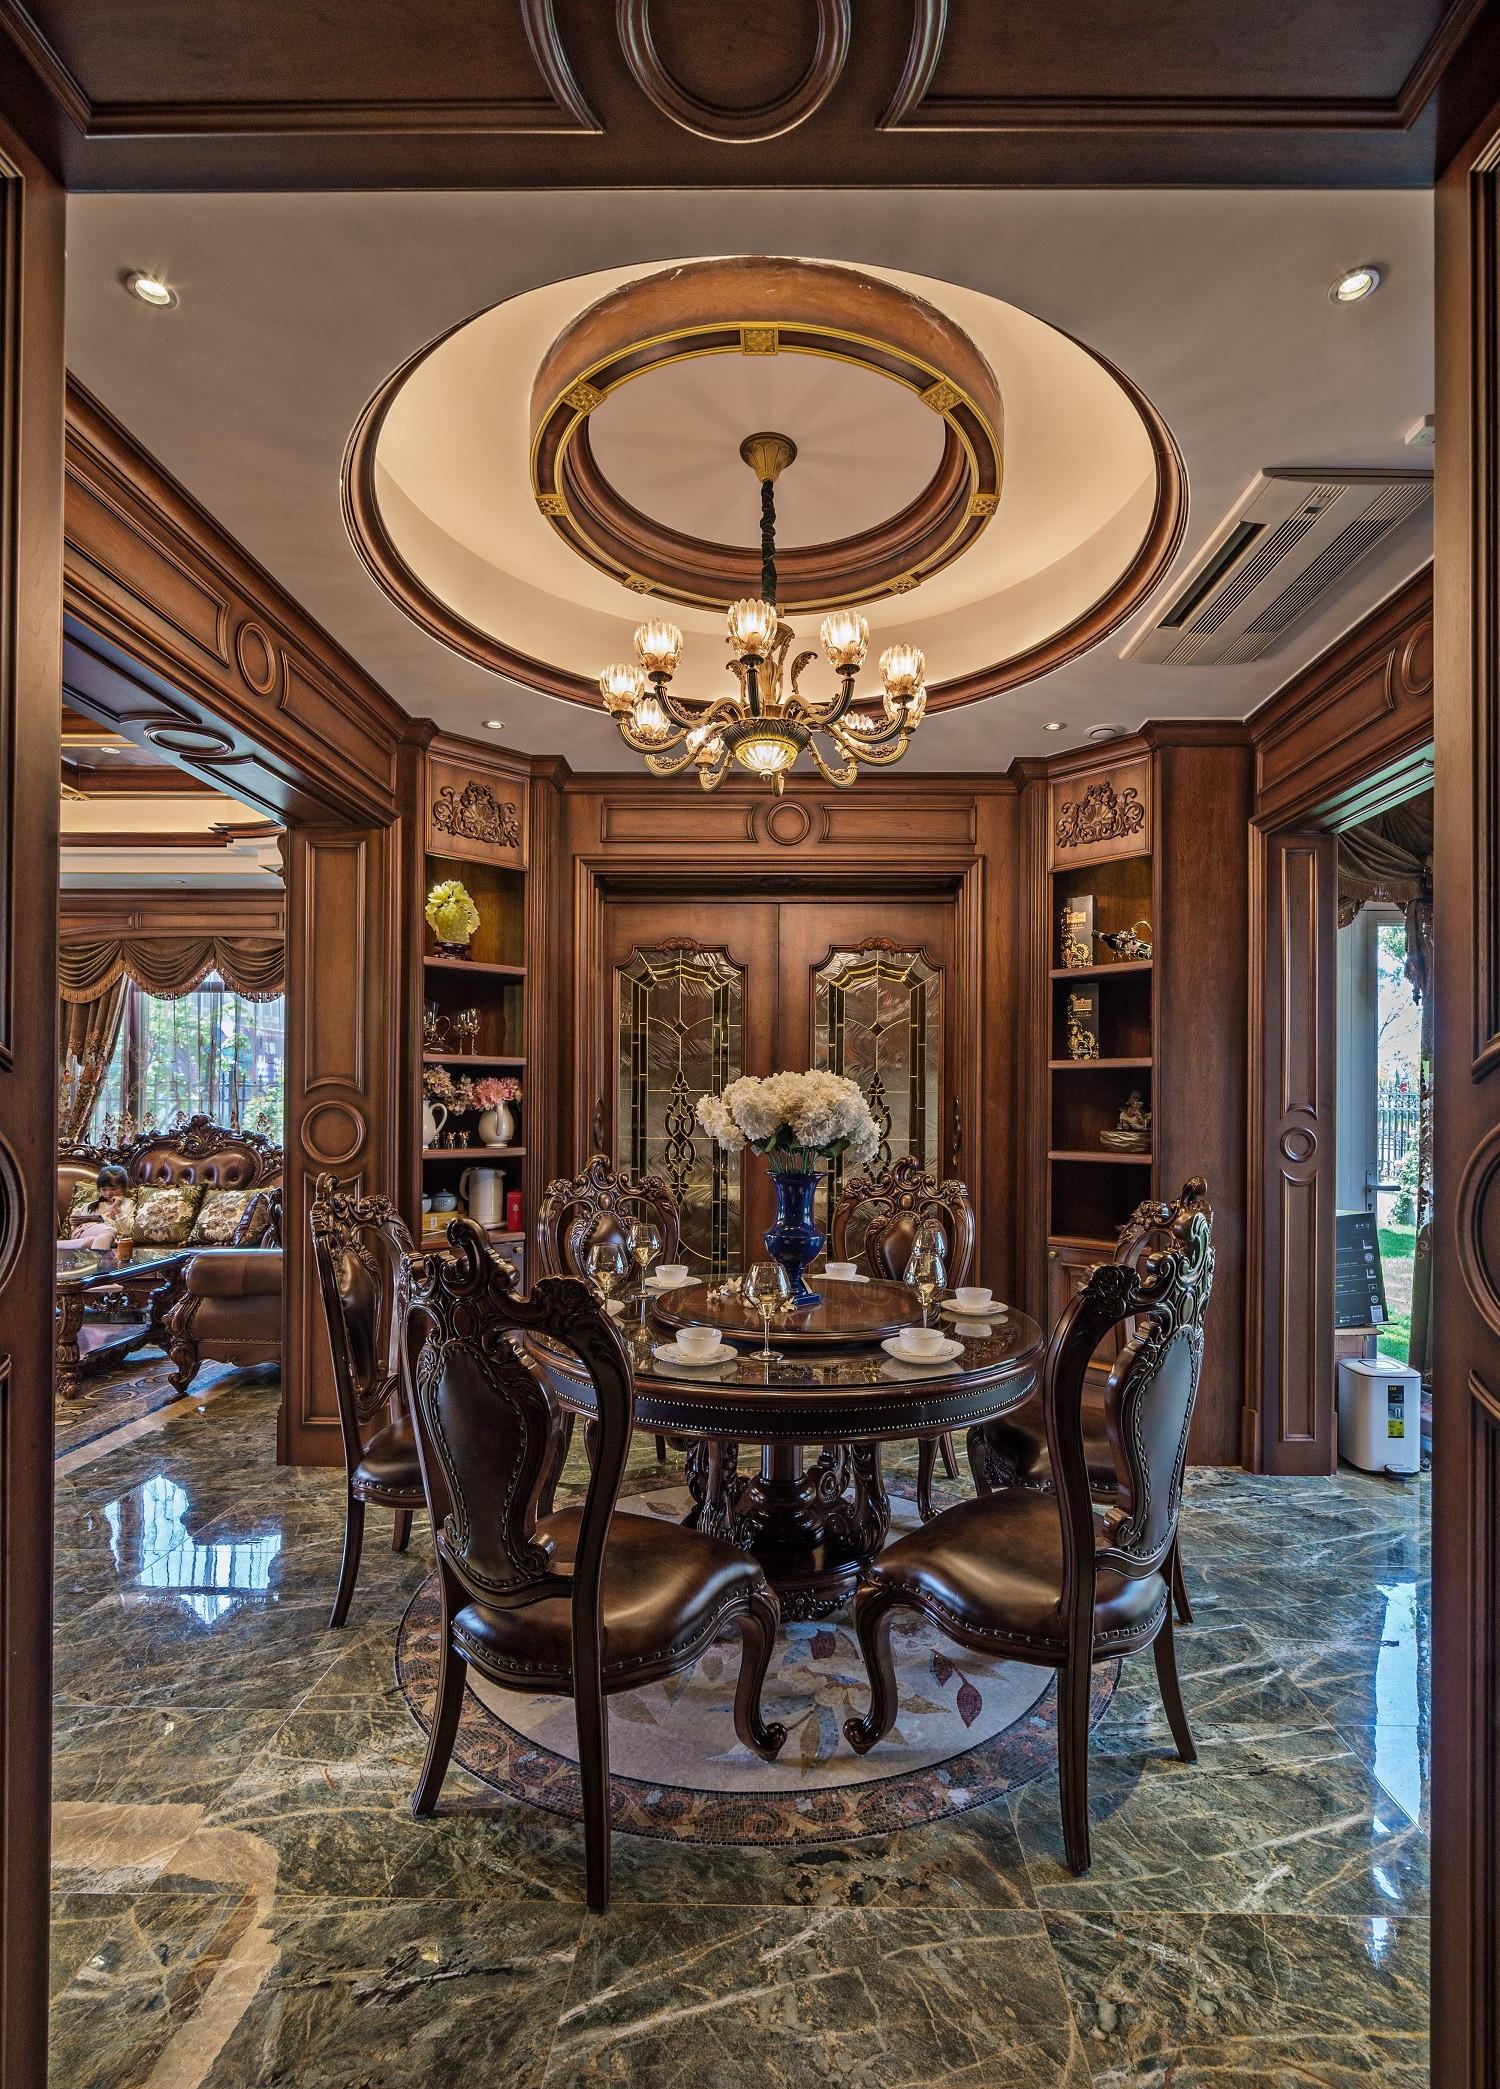 美式古典别墅装修餐厅顶面造型图